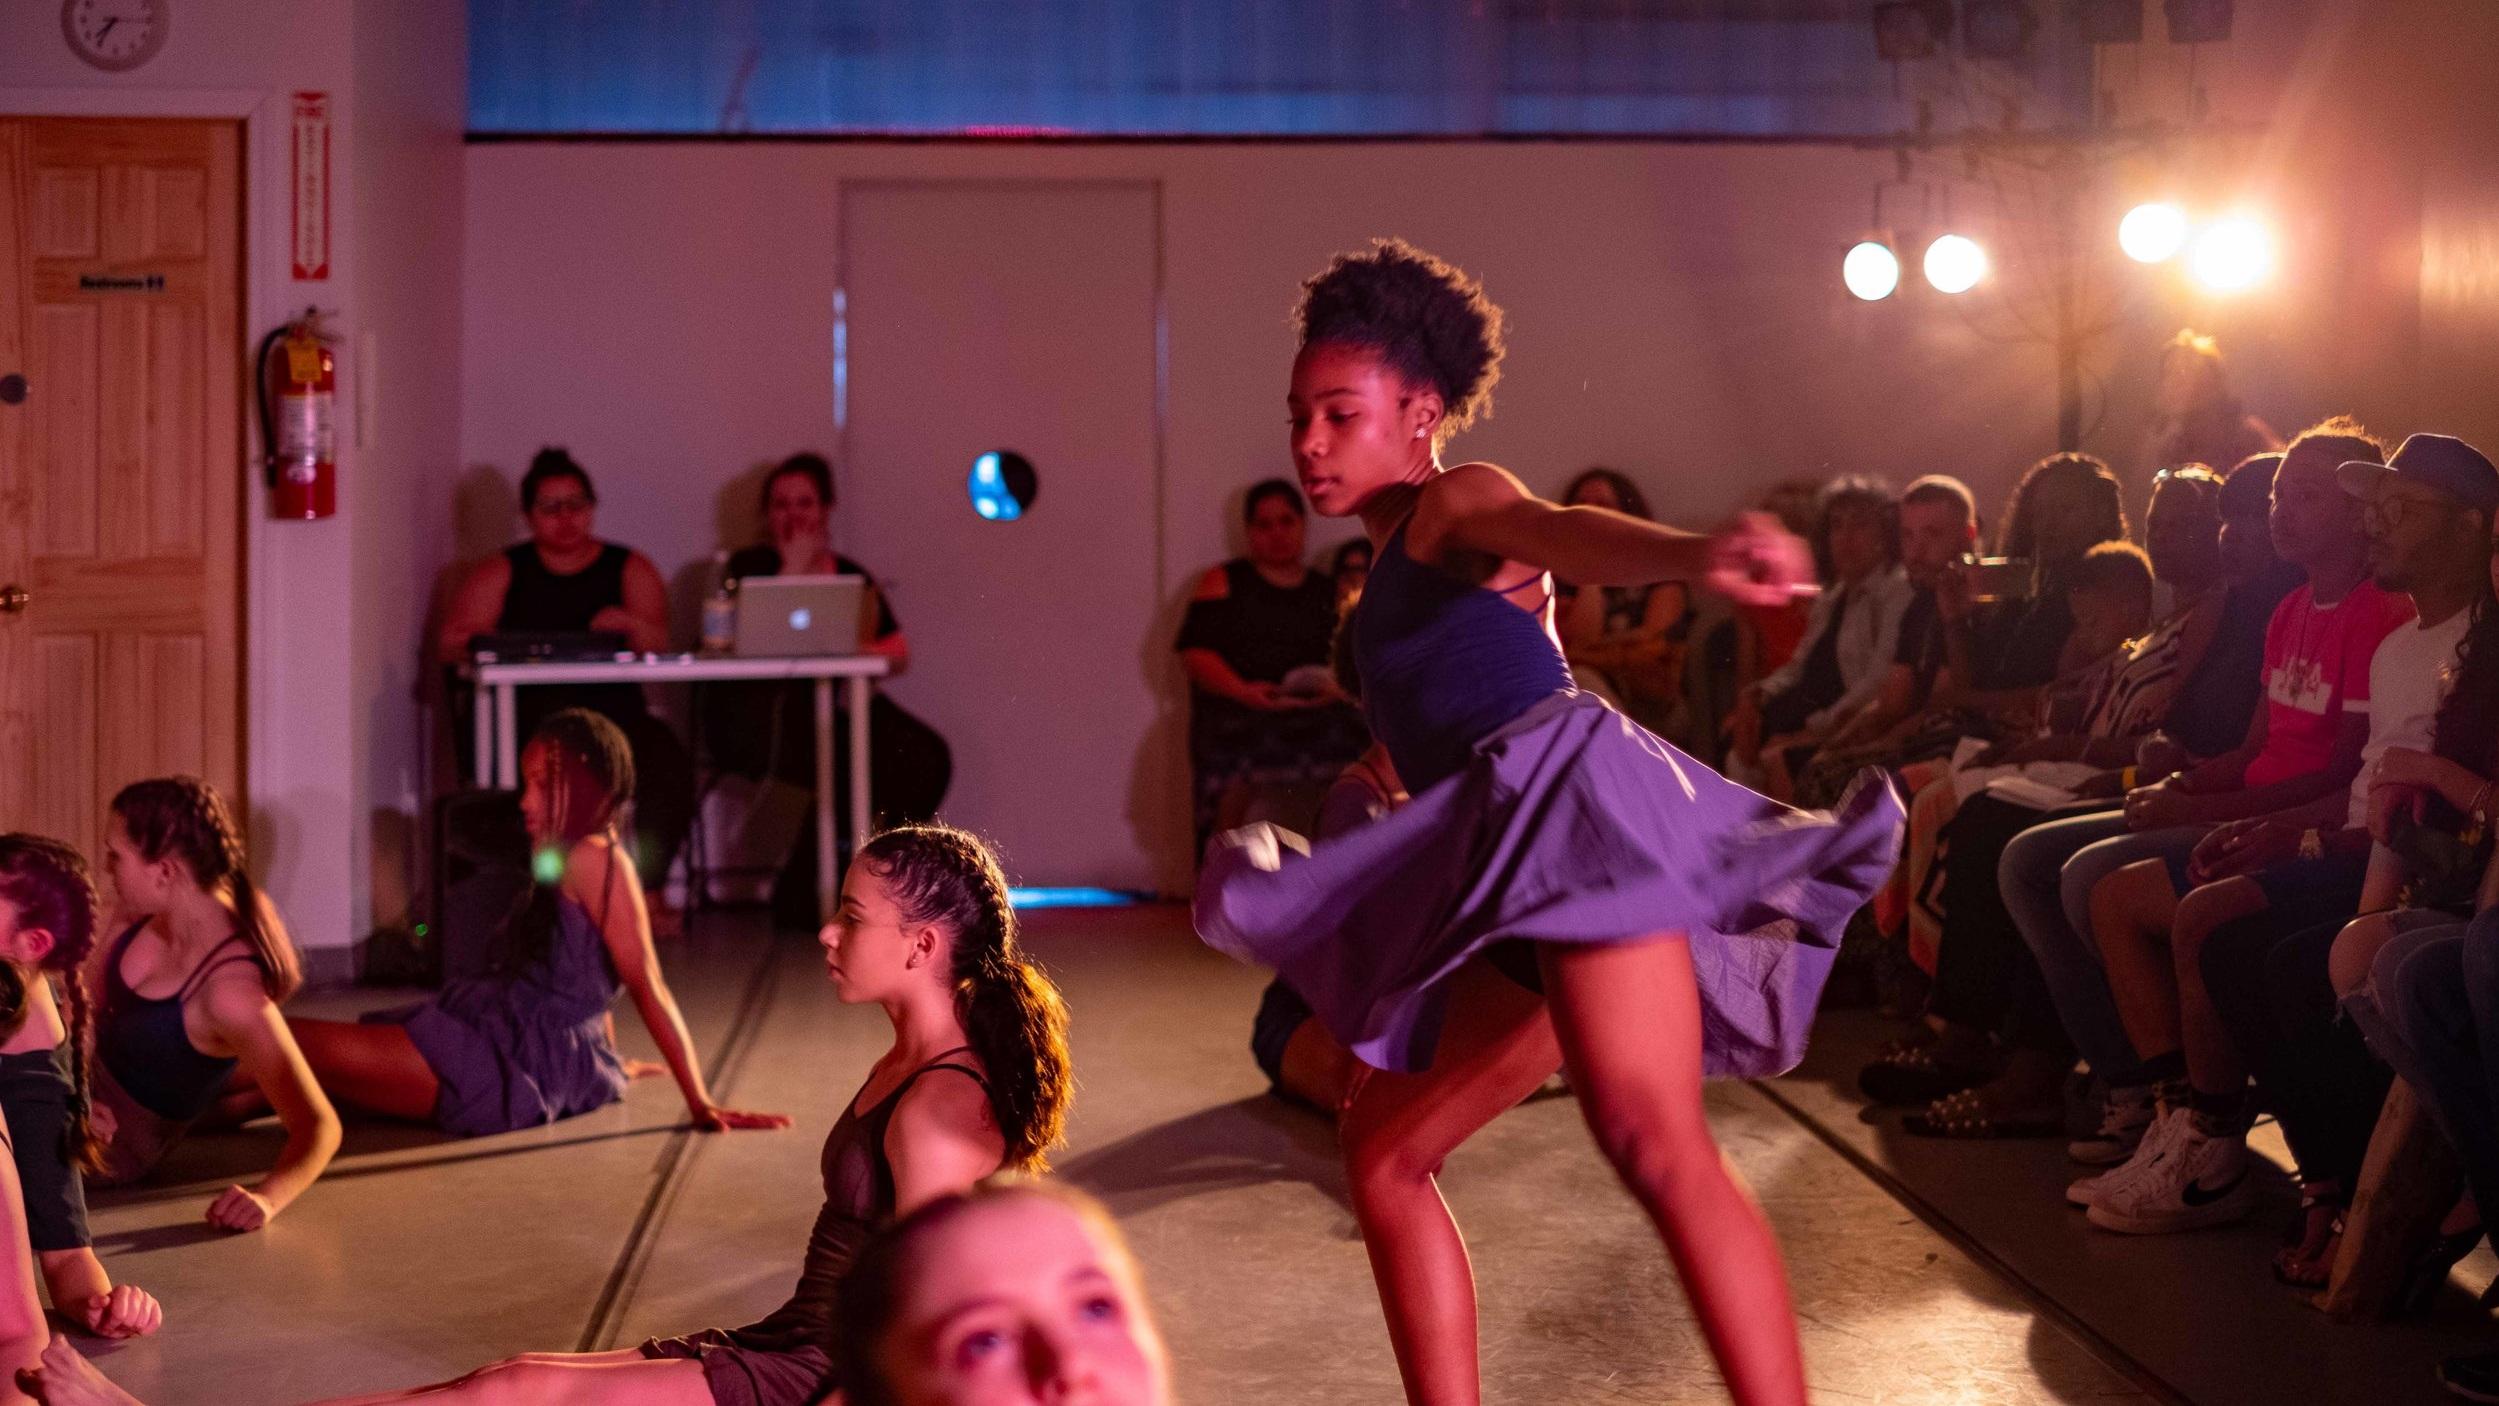 Cora+Dance-7.jpg